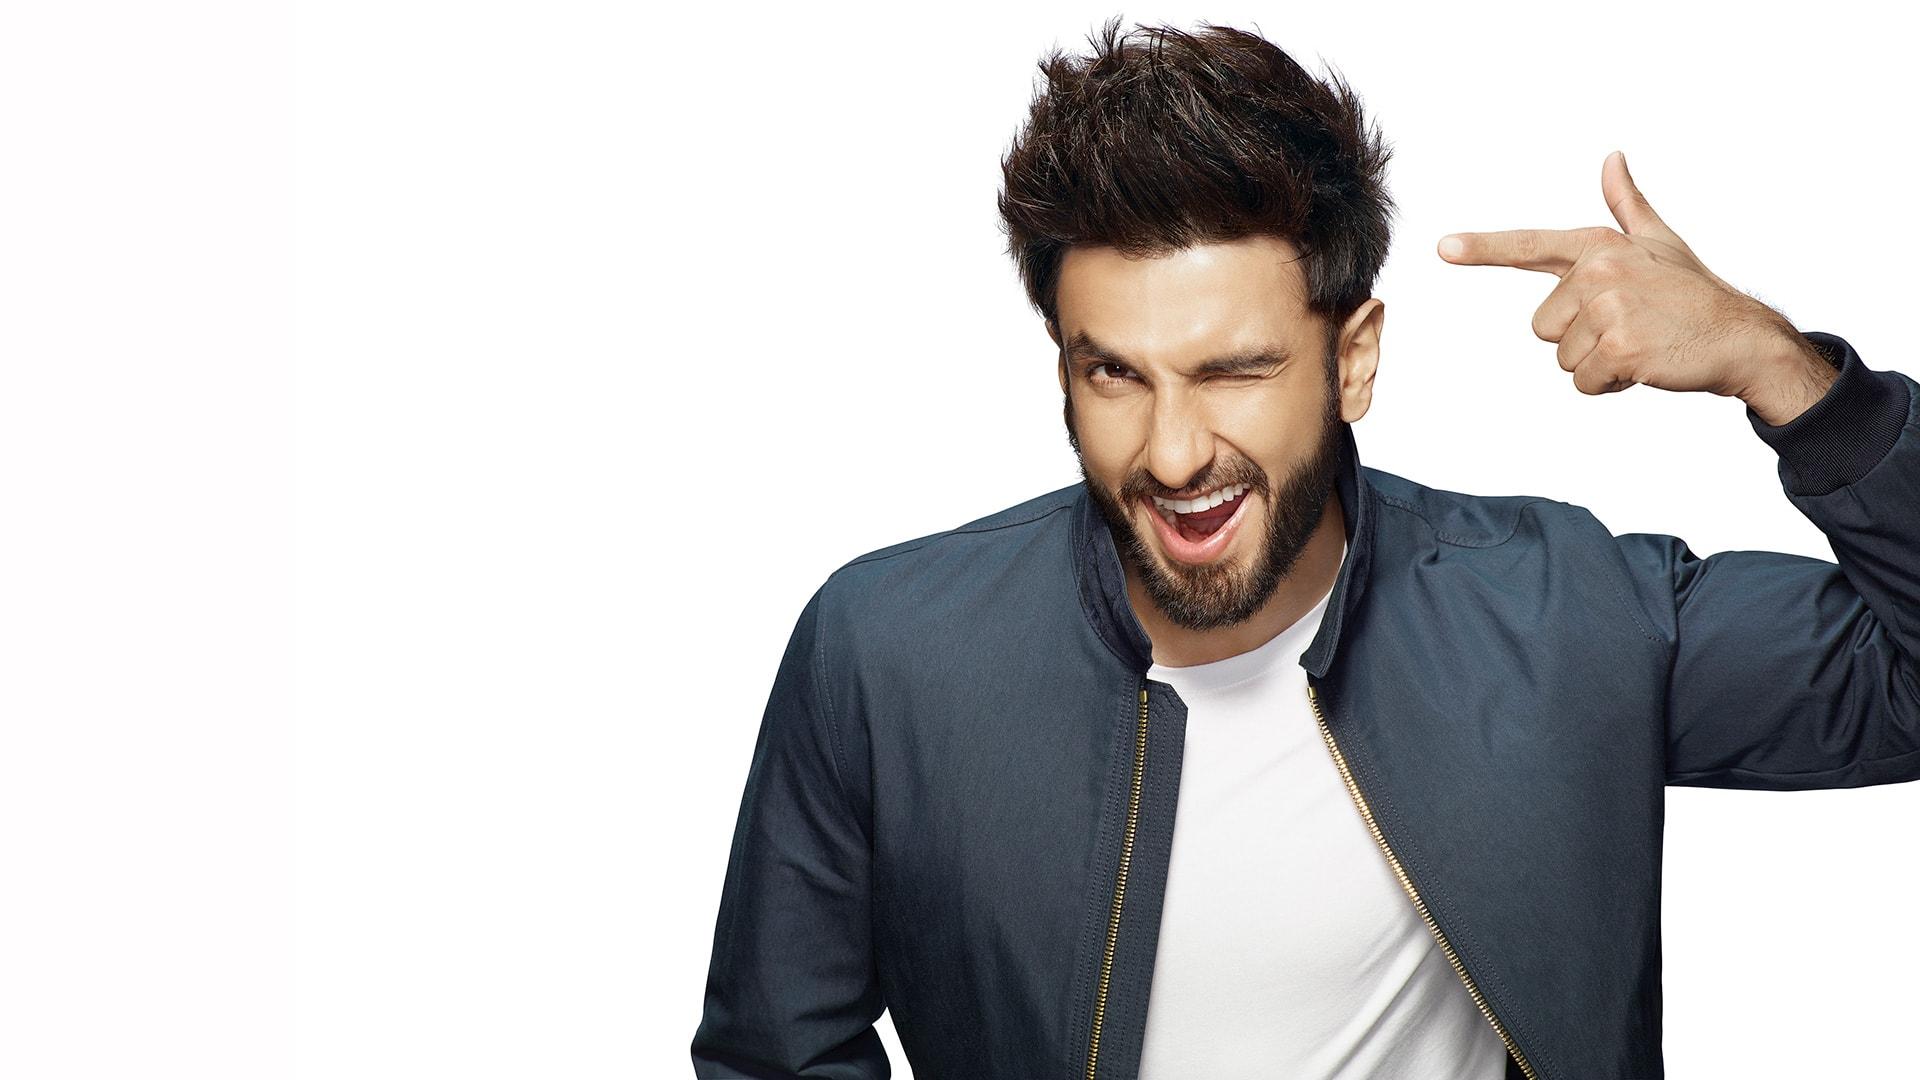 अपने नए प्रोजेक्ट में क्रिकेटर की भूमिका निभाएंगे रणवीर सिंह !